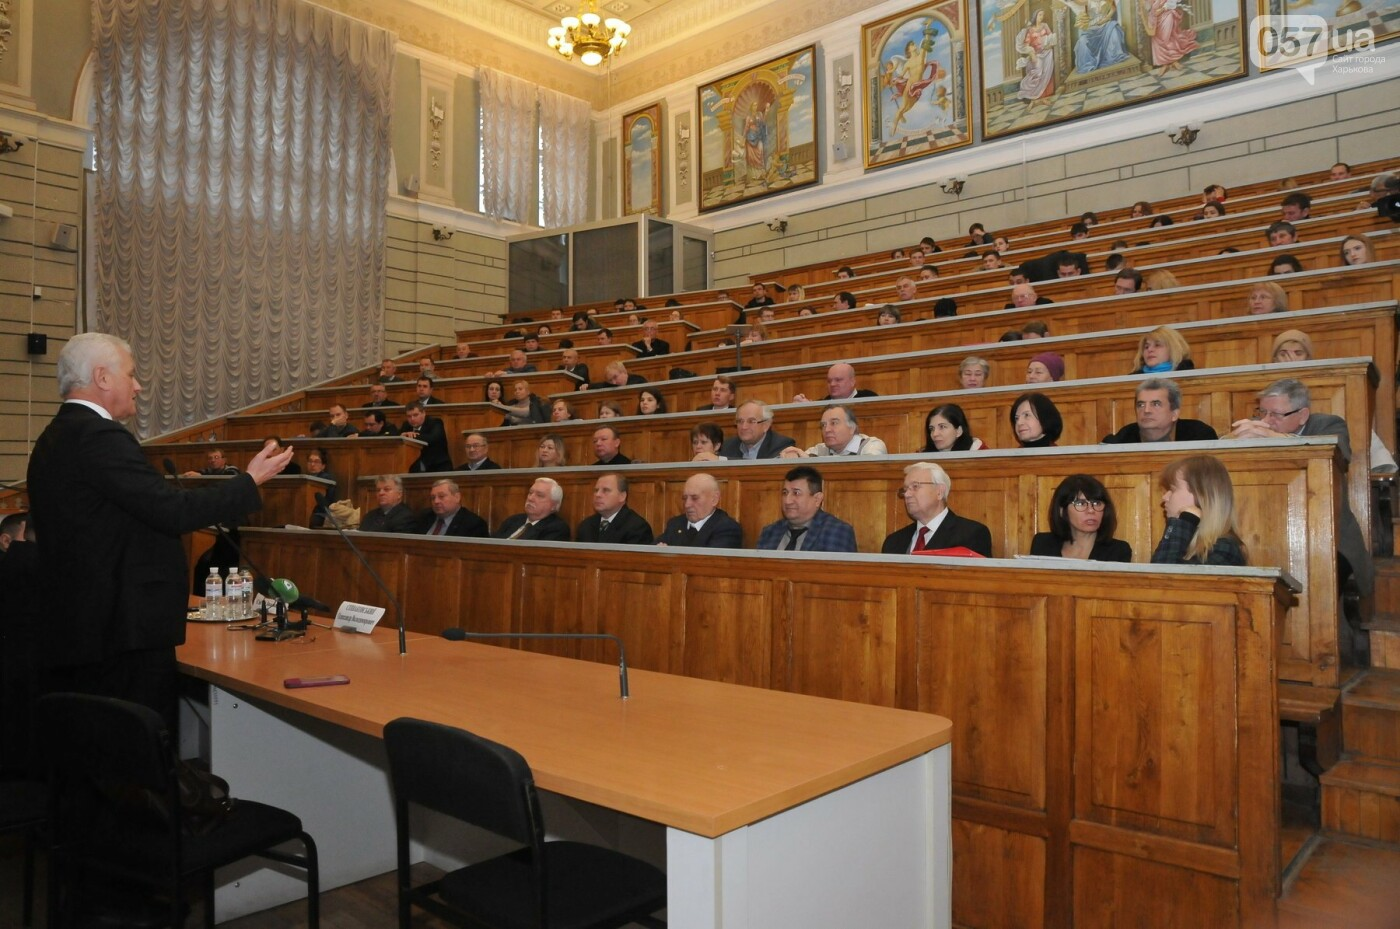 Руководитель комитета ВР по образованию и науке встретился с харьковскими педагогами, фото-2